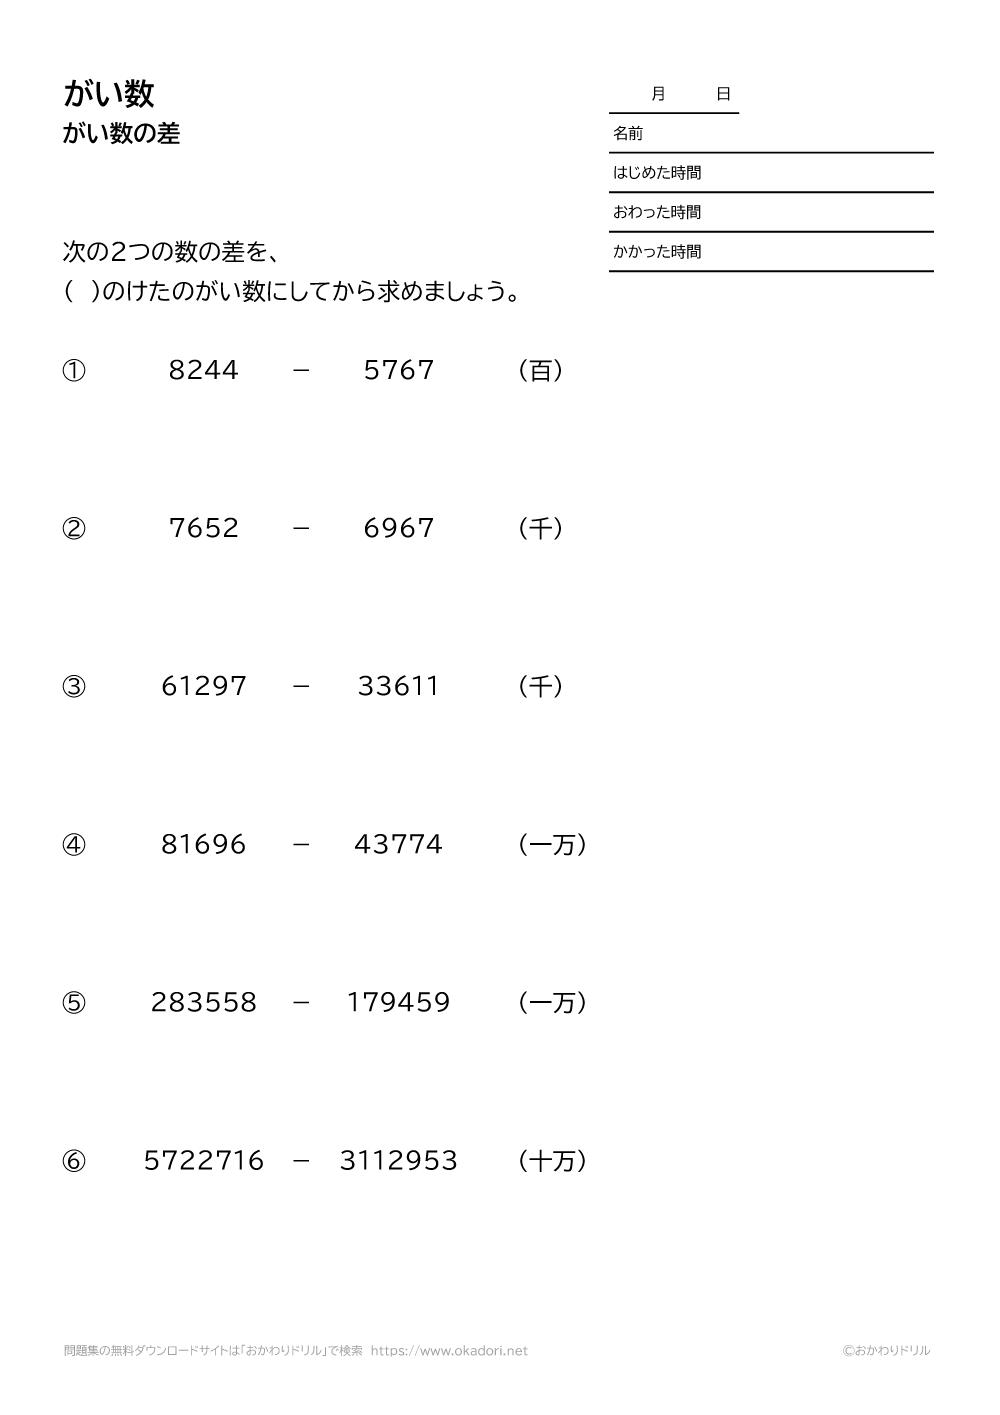 がい数の差(引き算)5